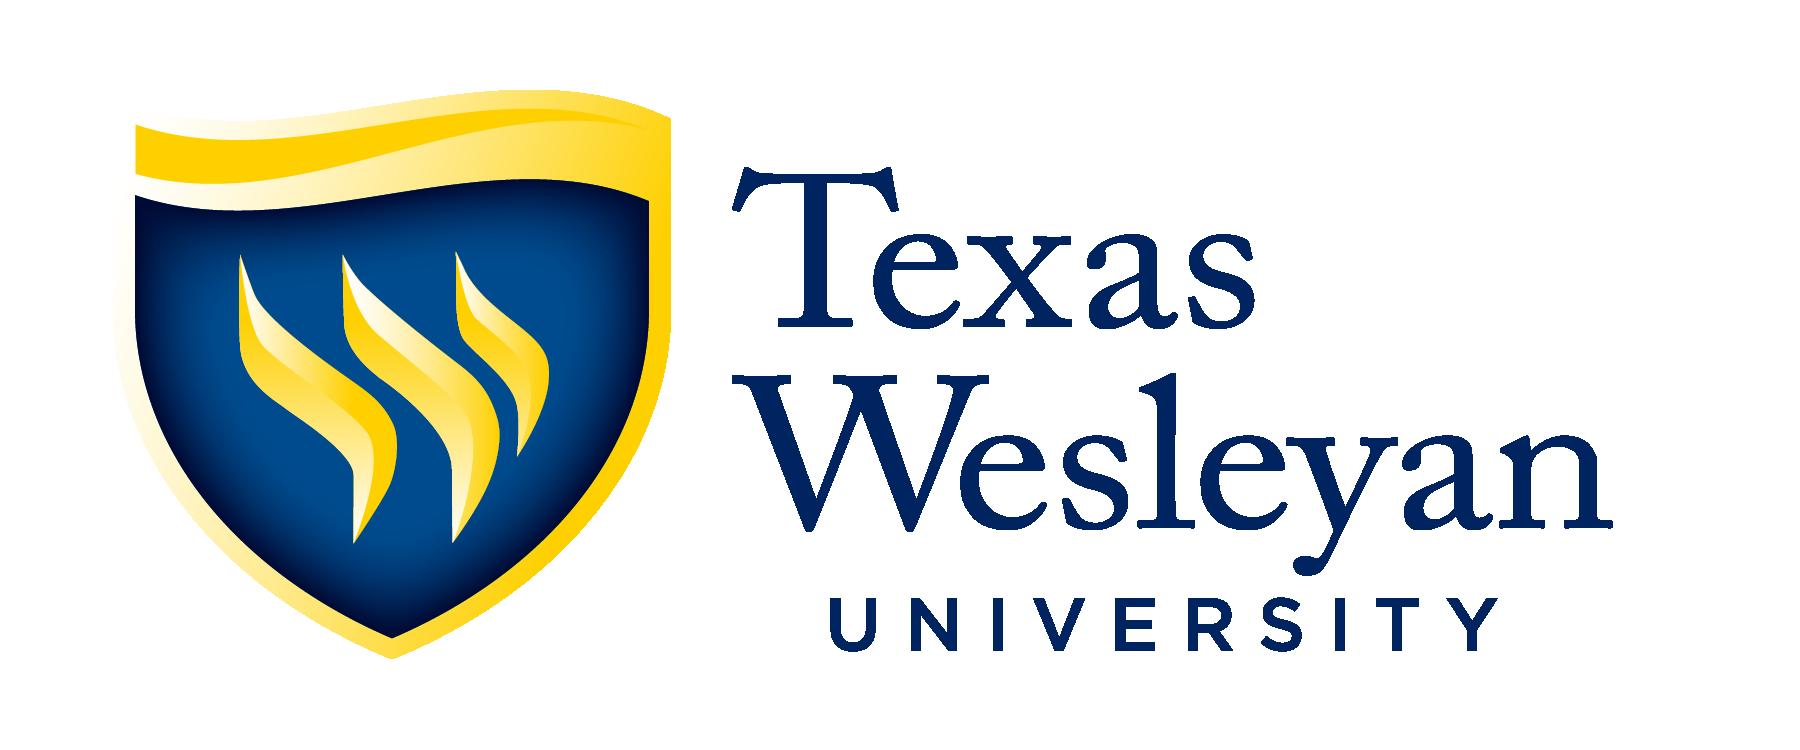 Texas Wesleyan University logo